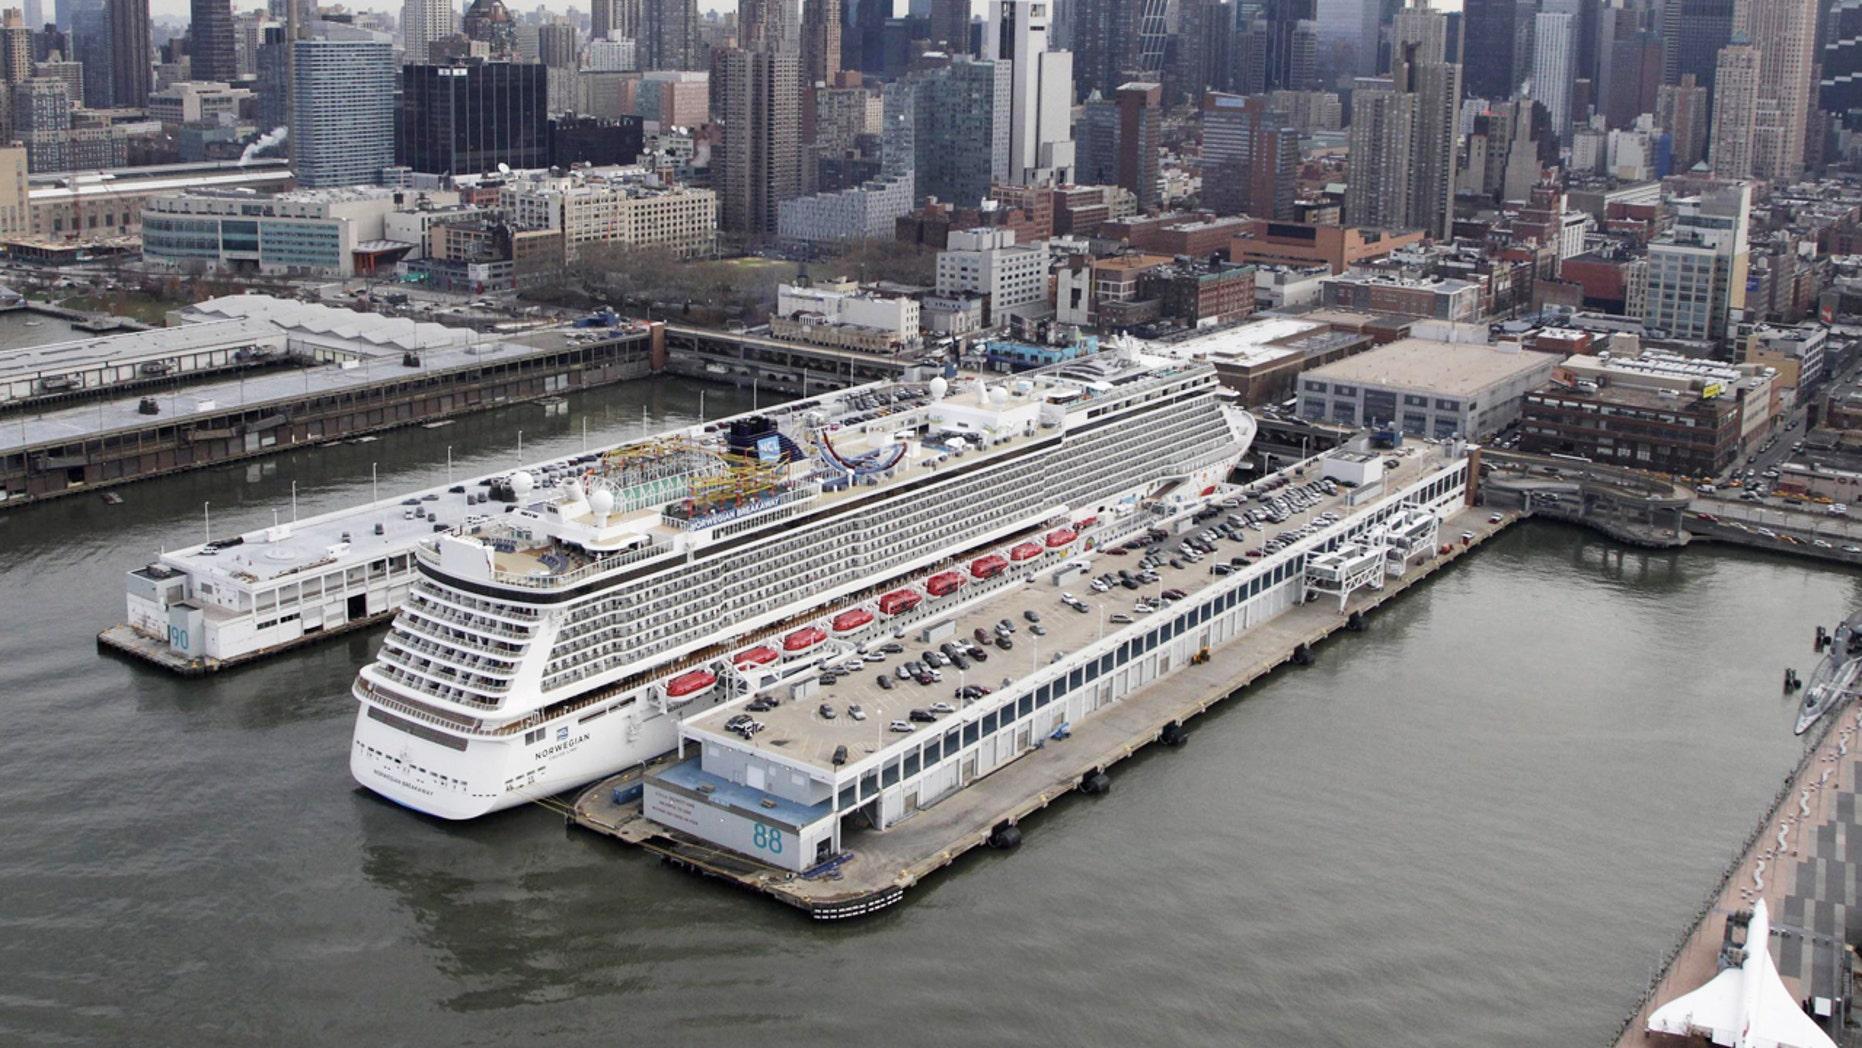 The Norwegian Breakaway docked in New York City.